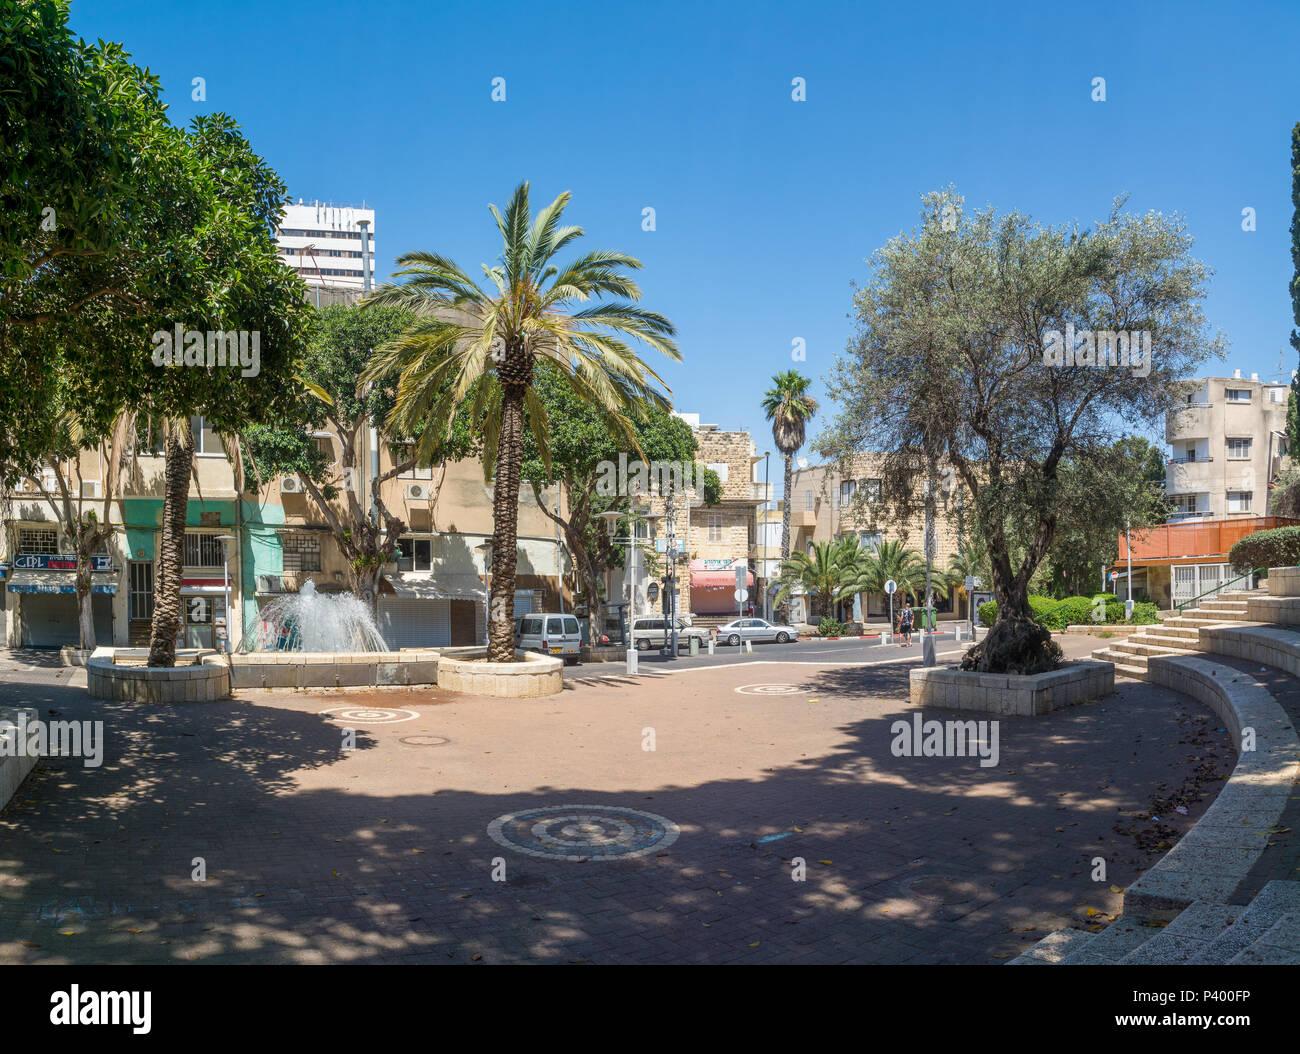 HAIFA, ISRAEL - JUNE 09, 2018: The Binyamin garden, fountain and Nordau street, with locals, in Hadar HaCarmel neighborhood, Haifa, Israel - Stock Image